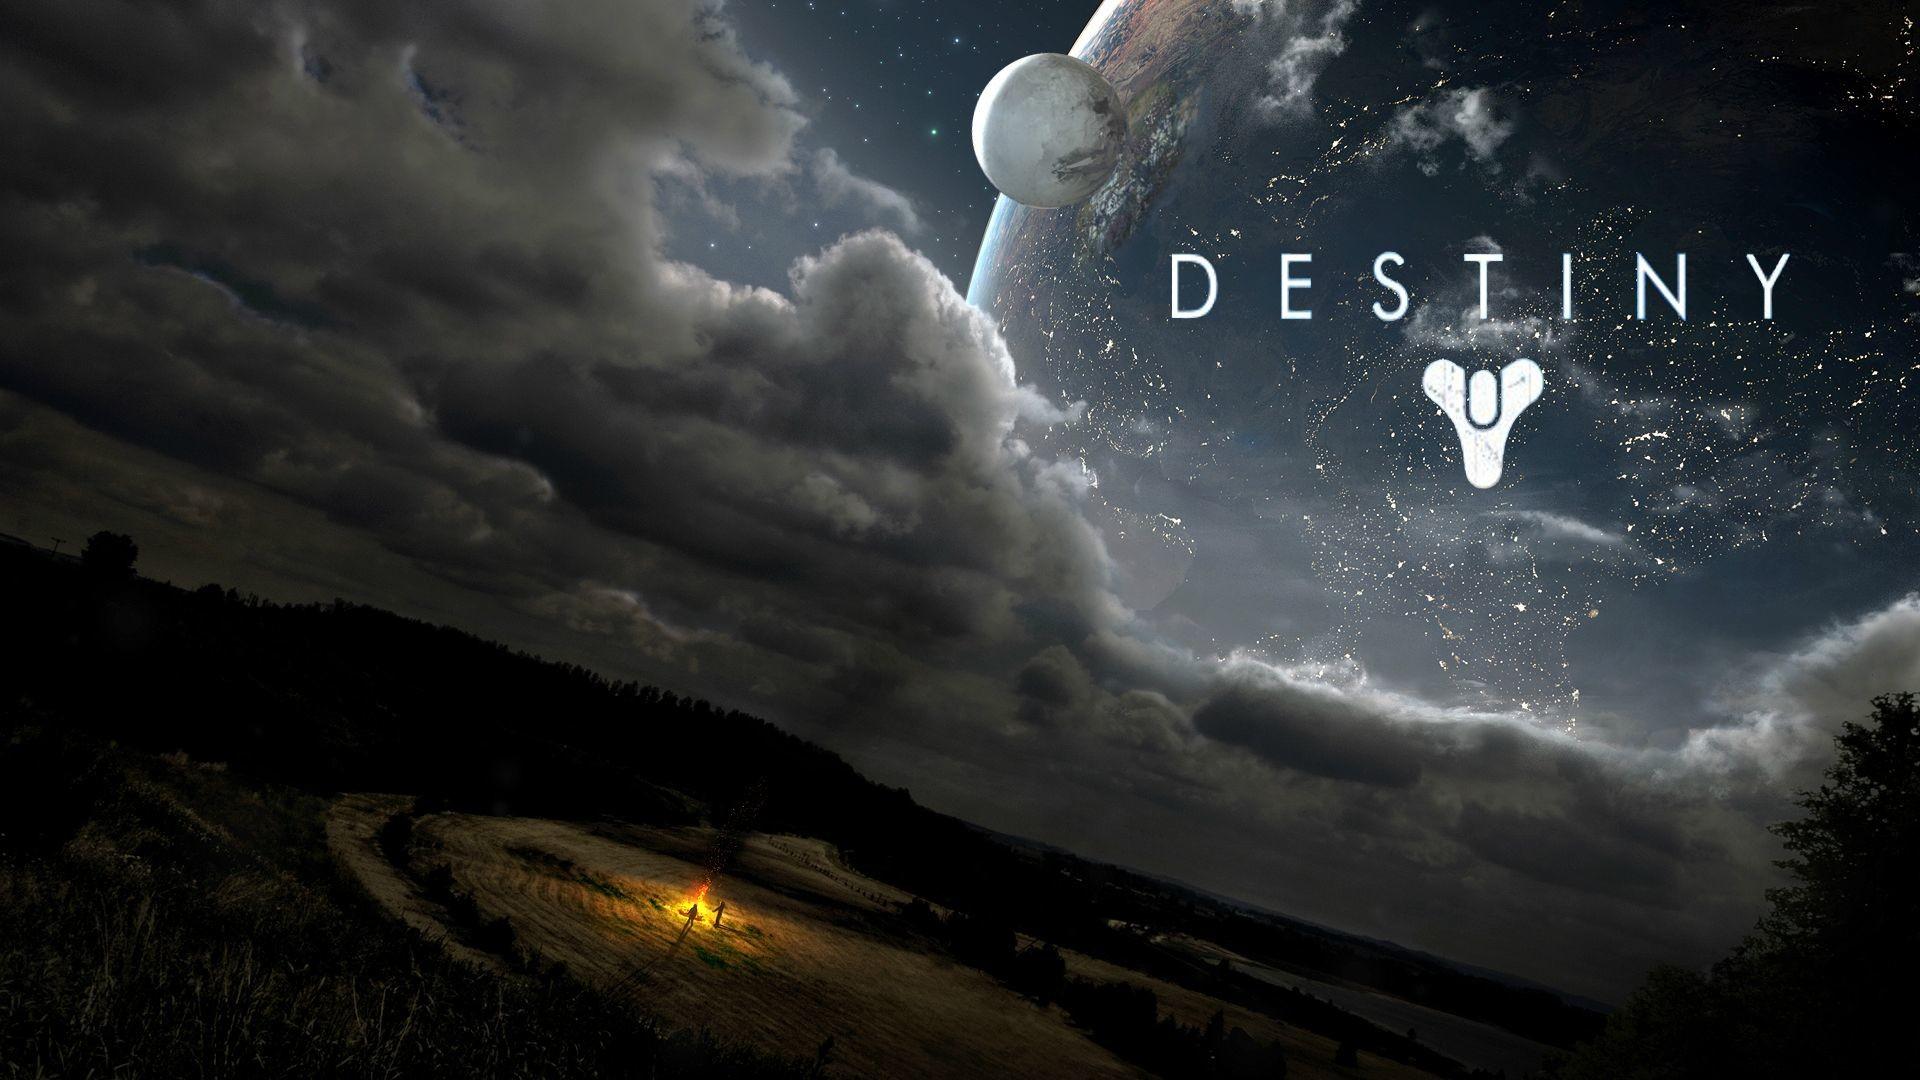 NEW DESTINY HD WALLPAPER!